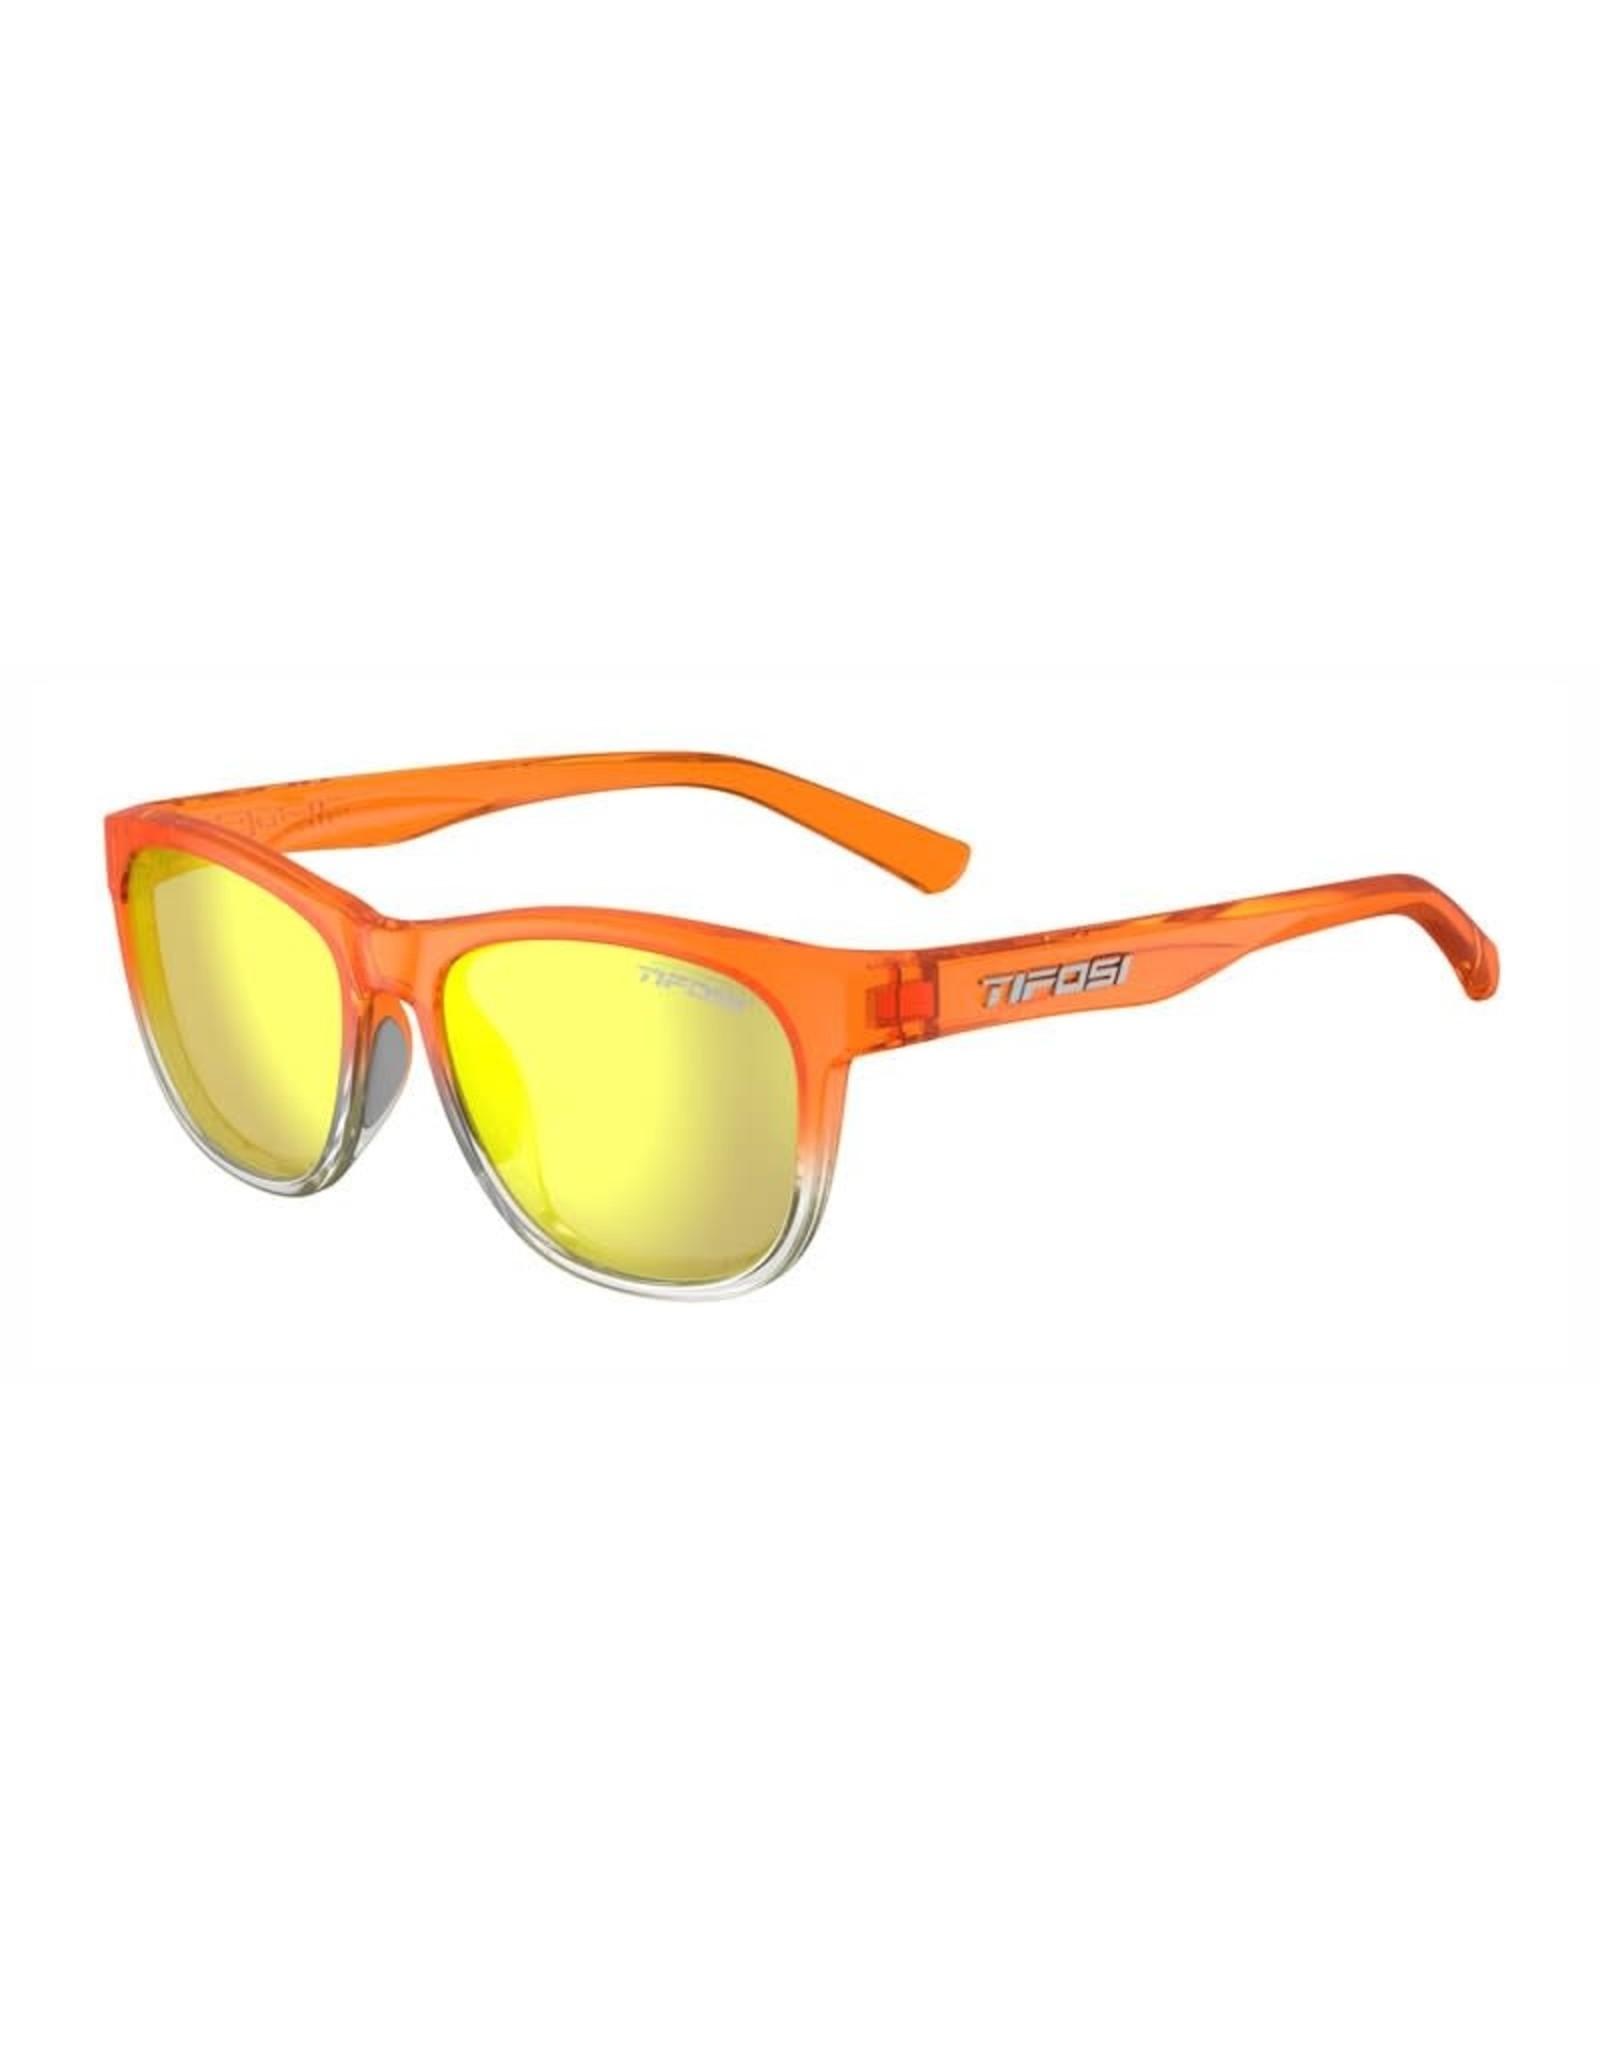 Tifosi Optics Swank, Orange Rush Smoke Yellow Glasses